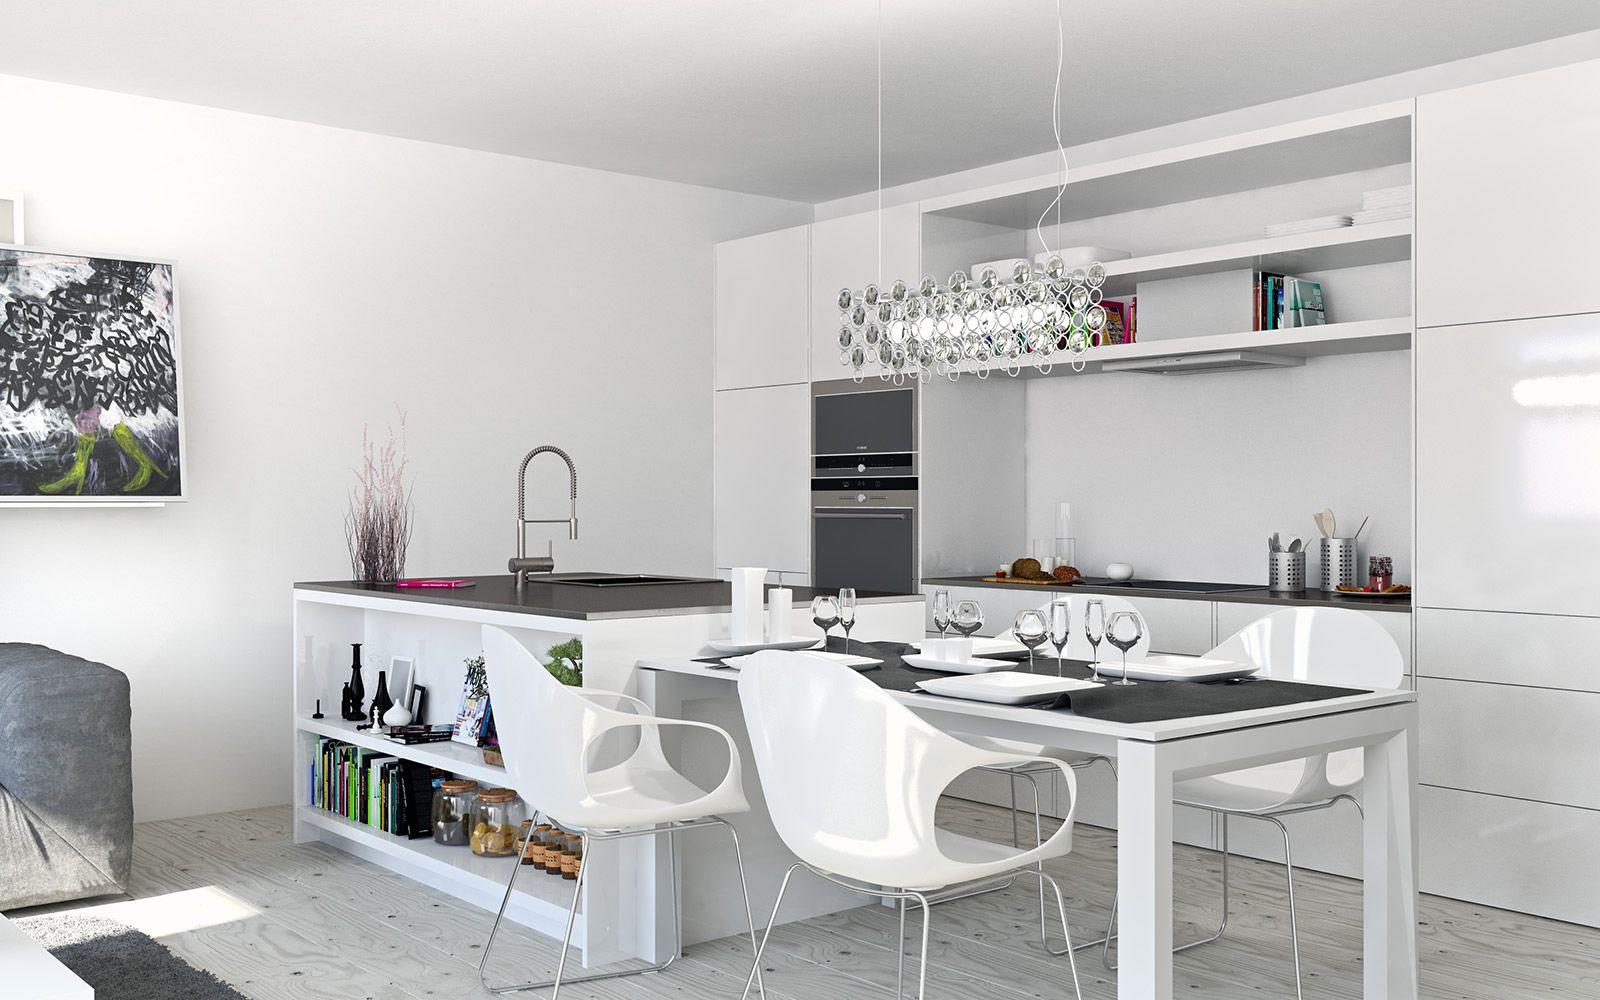 Weiß Wohnküche - Retro-Ufo | Einrichten | Pinterest | Kitchens ...